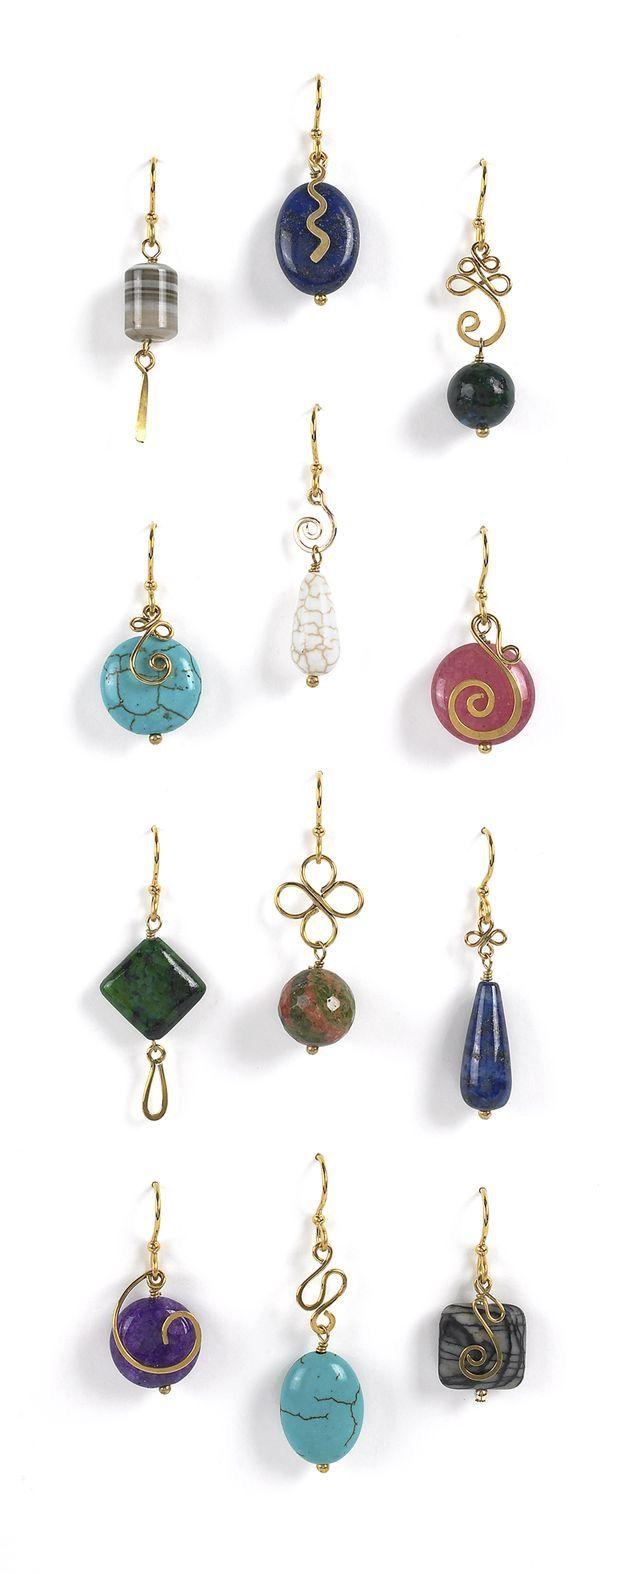 Pin von Lee Ann Ables auf Jewelry | Pinterest